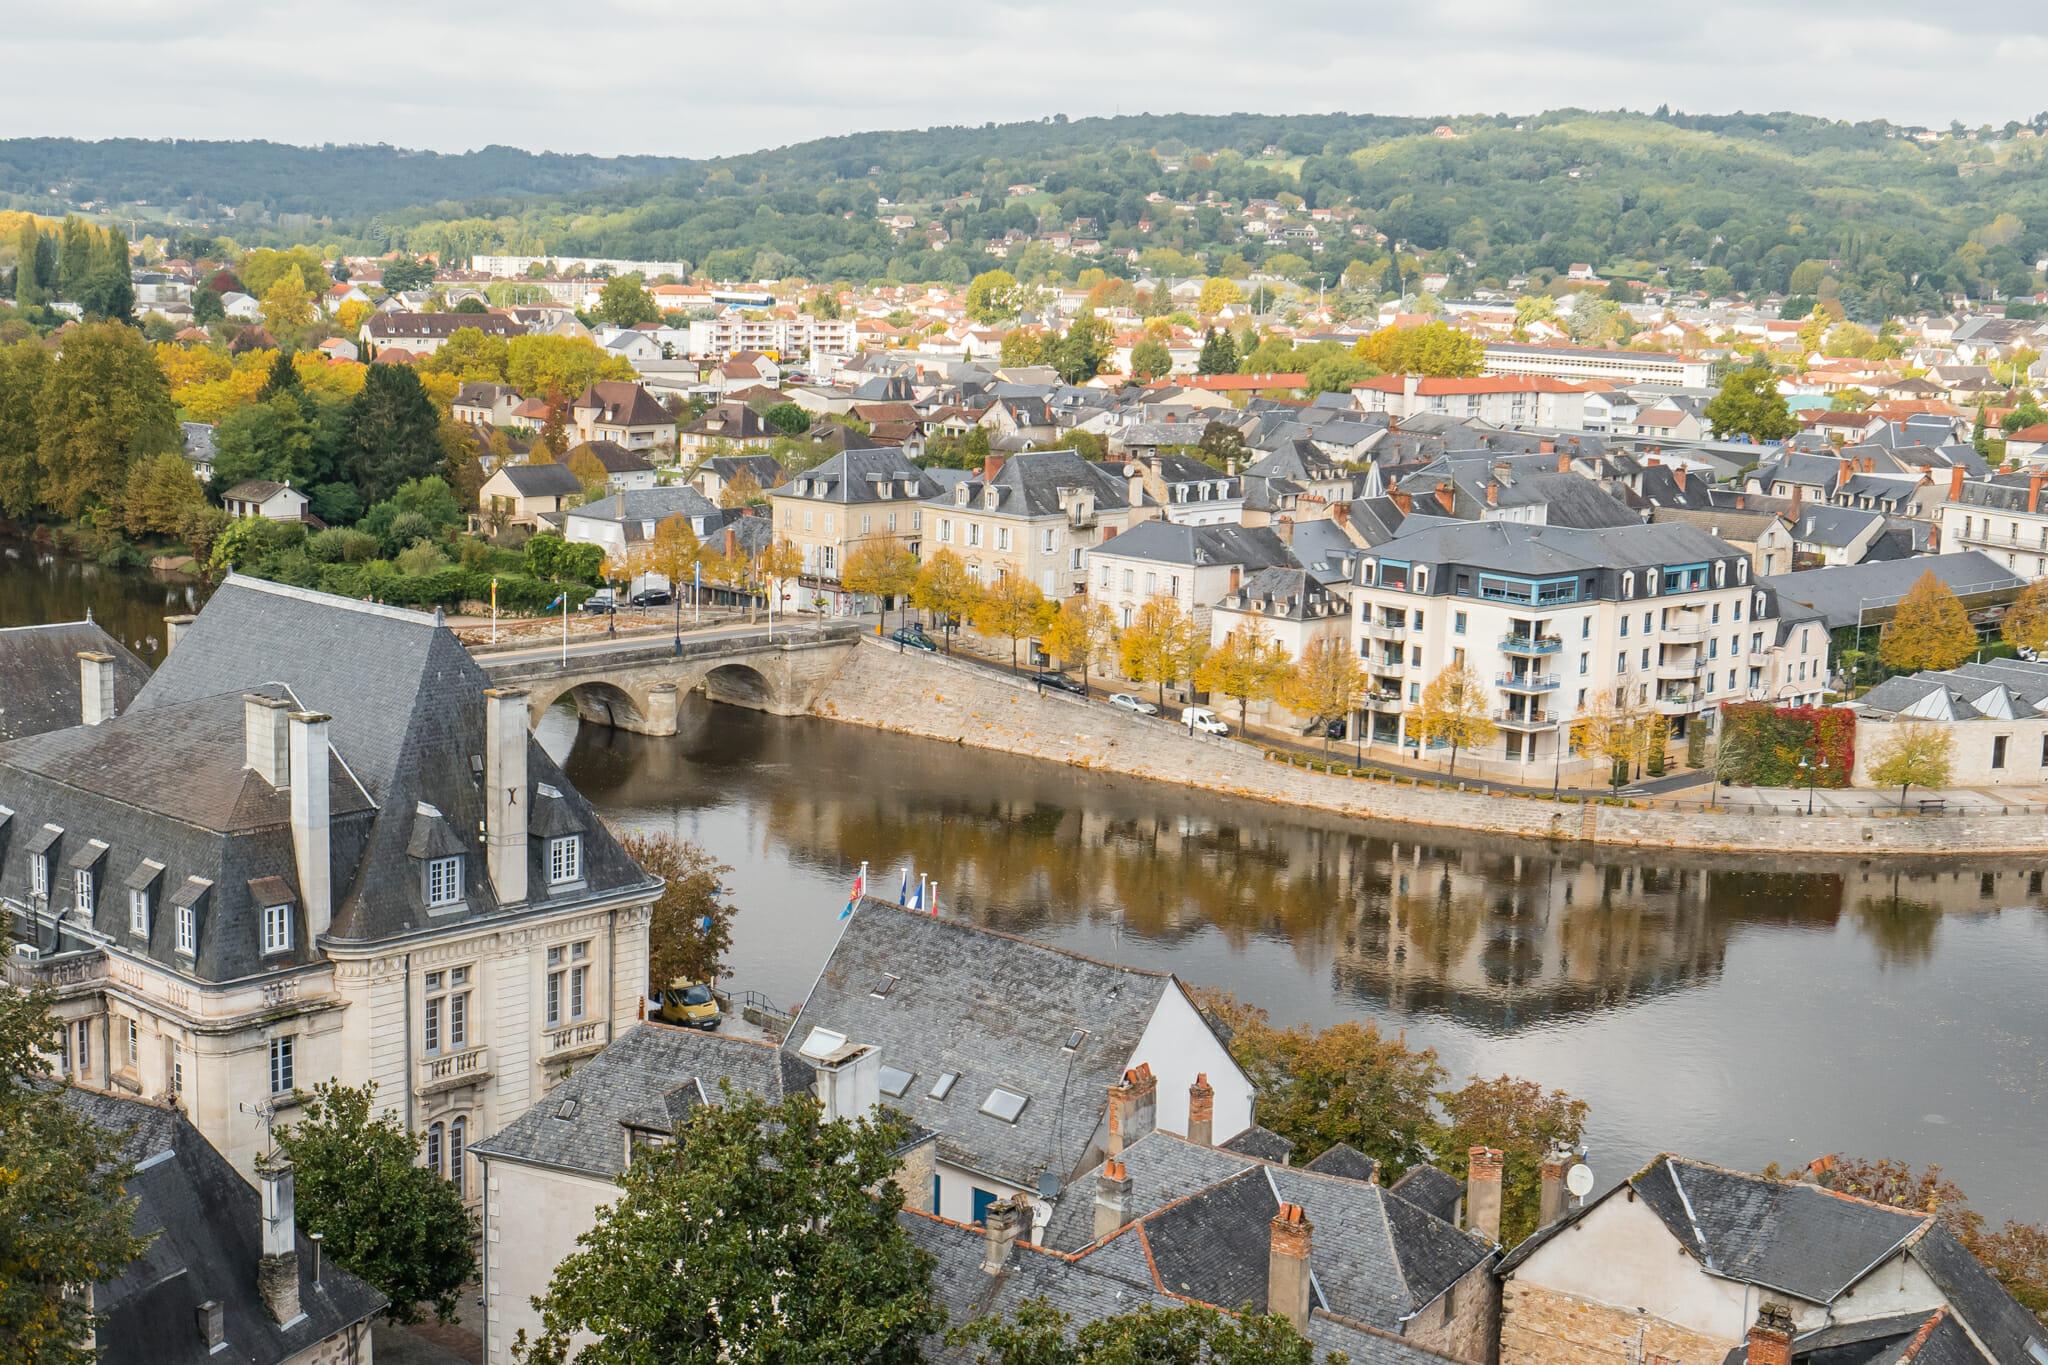 Vue de la Vézère depuis la vieille ville de Terrasson